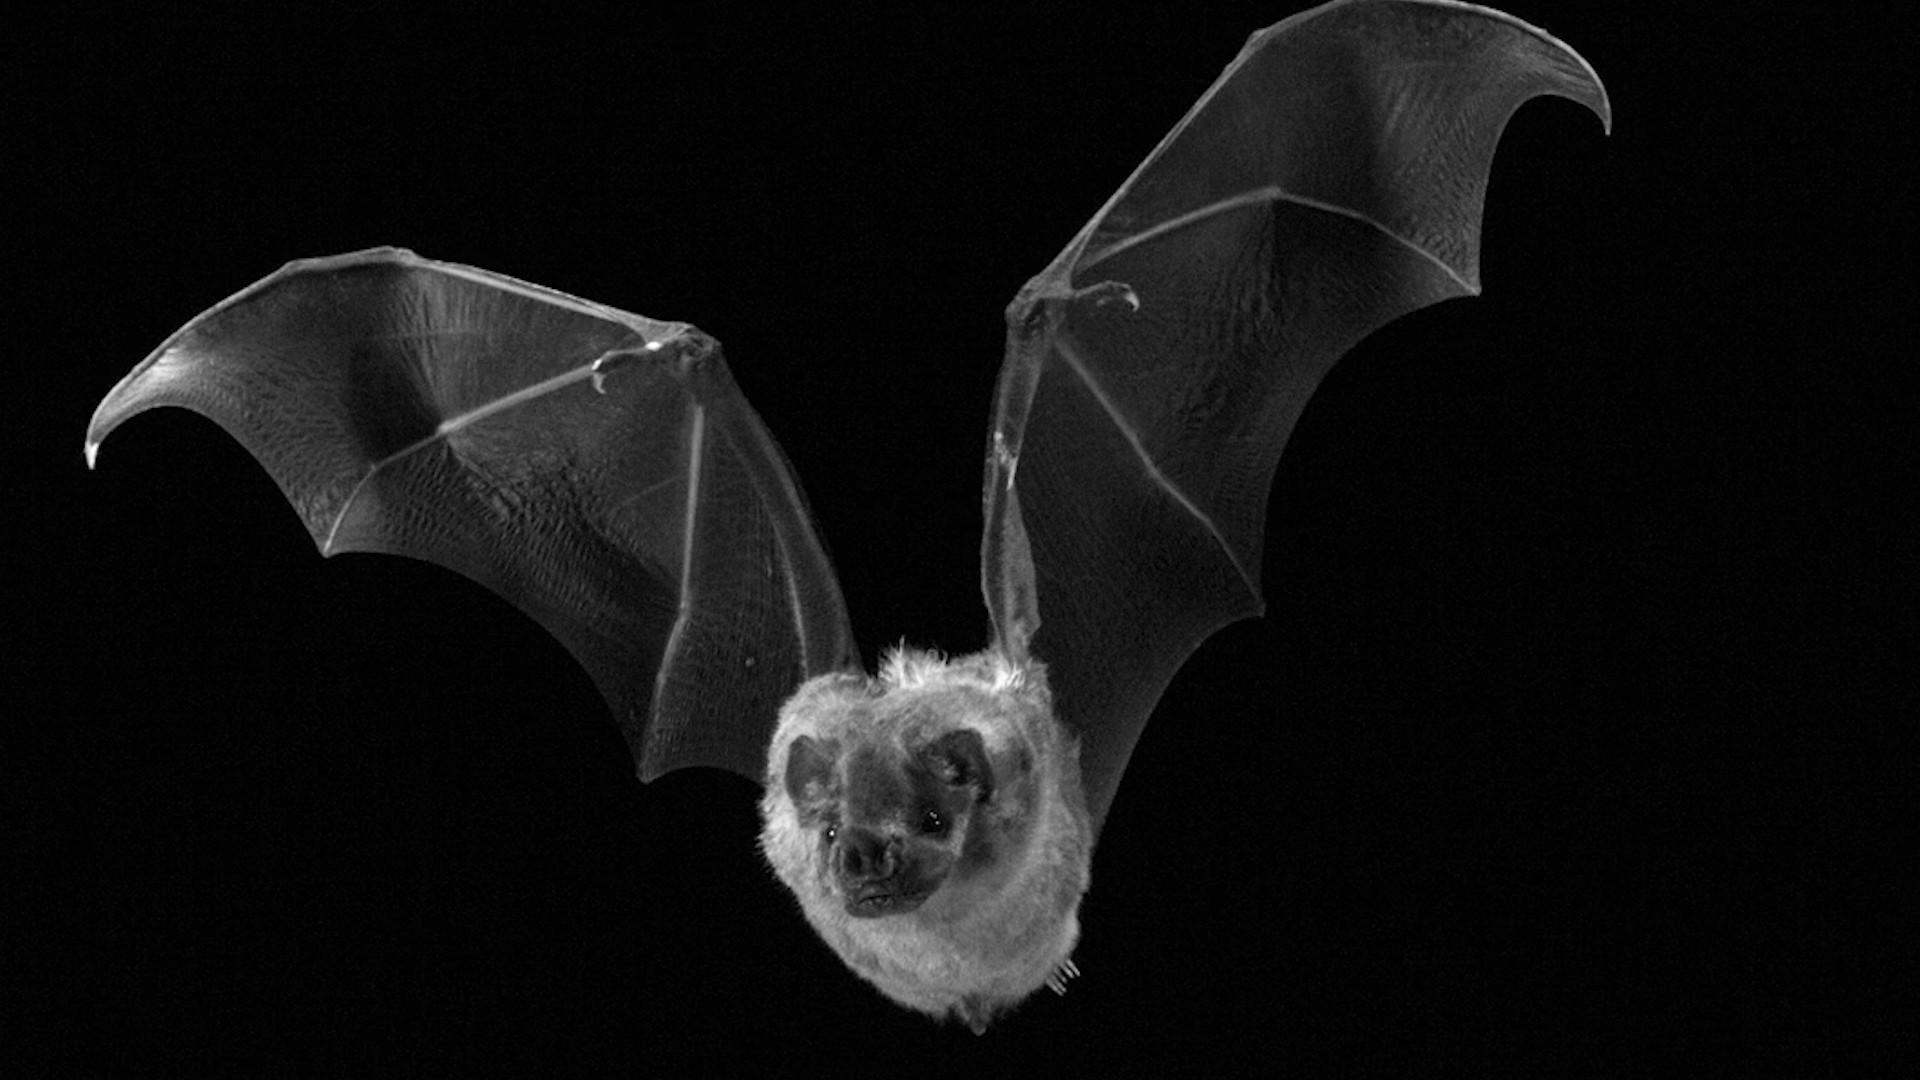 Bat Pic